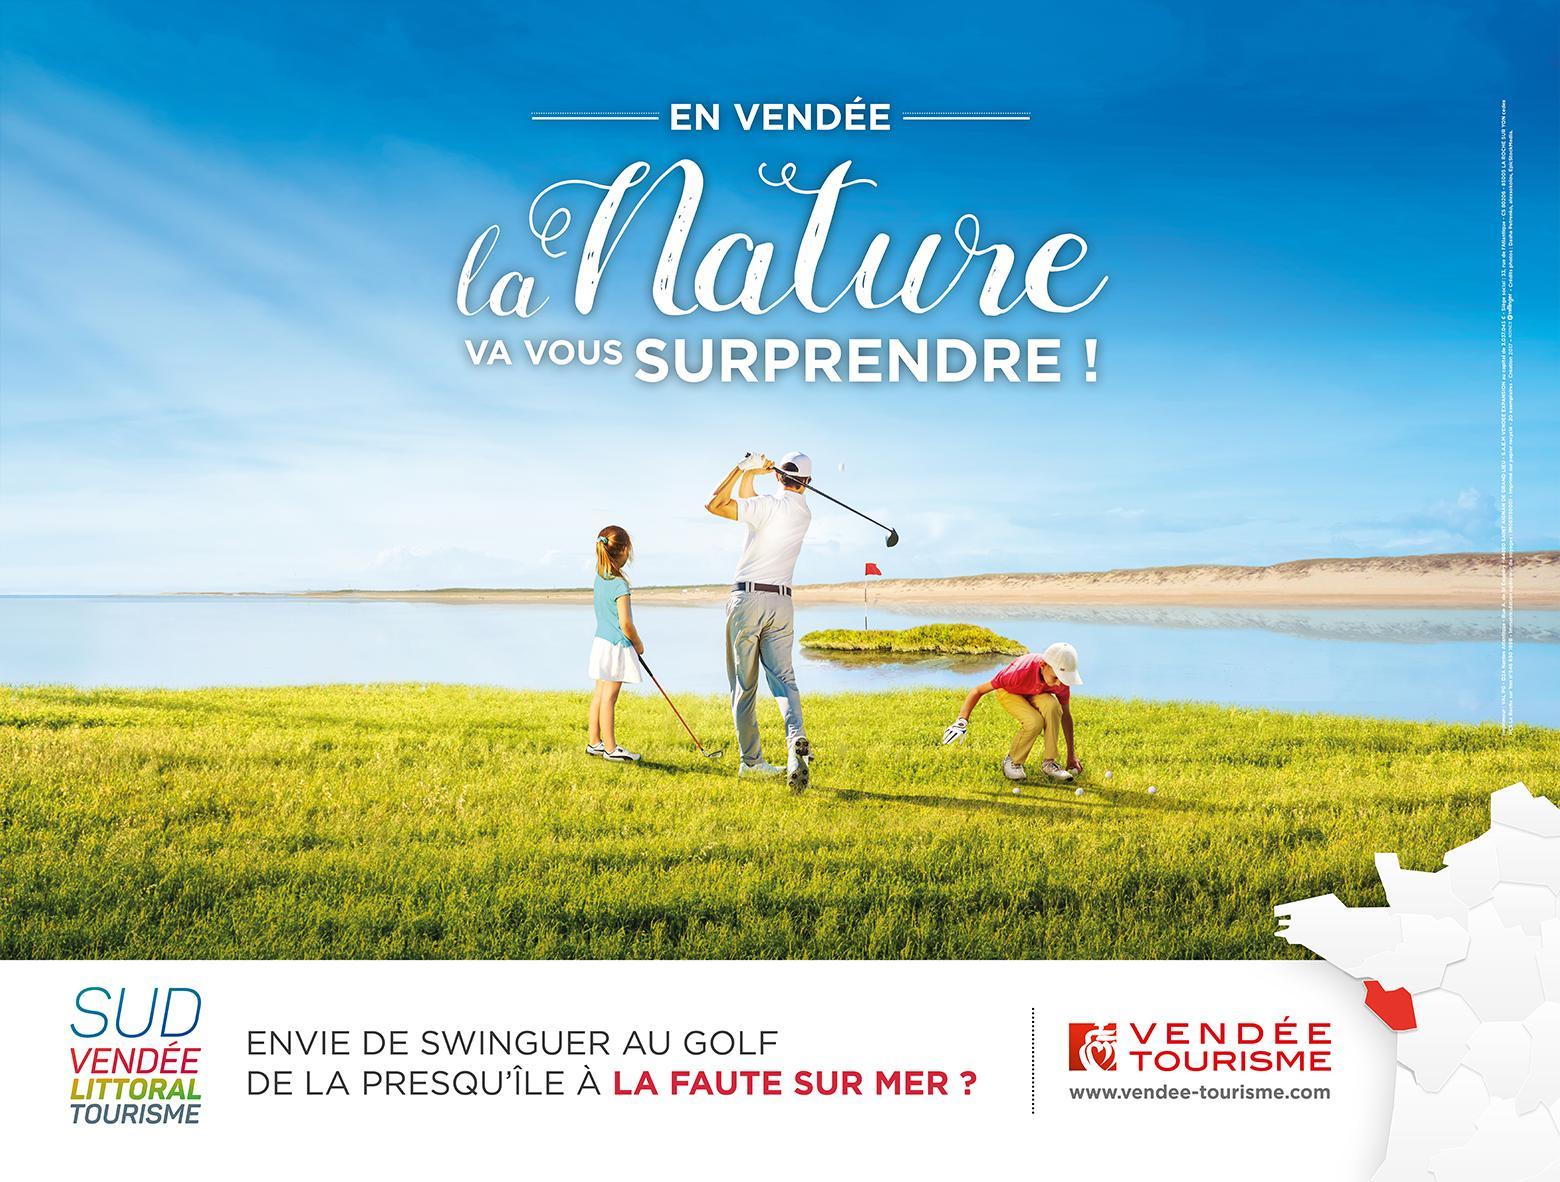 Vtourisme Sud Vendée